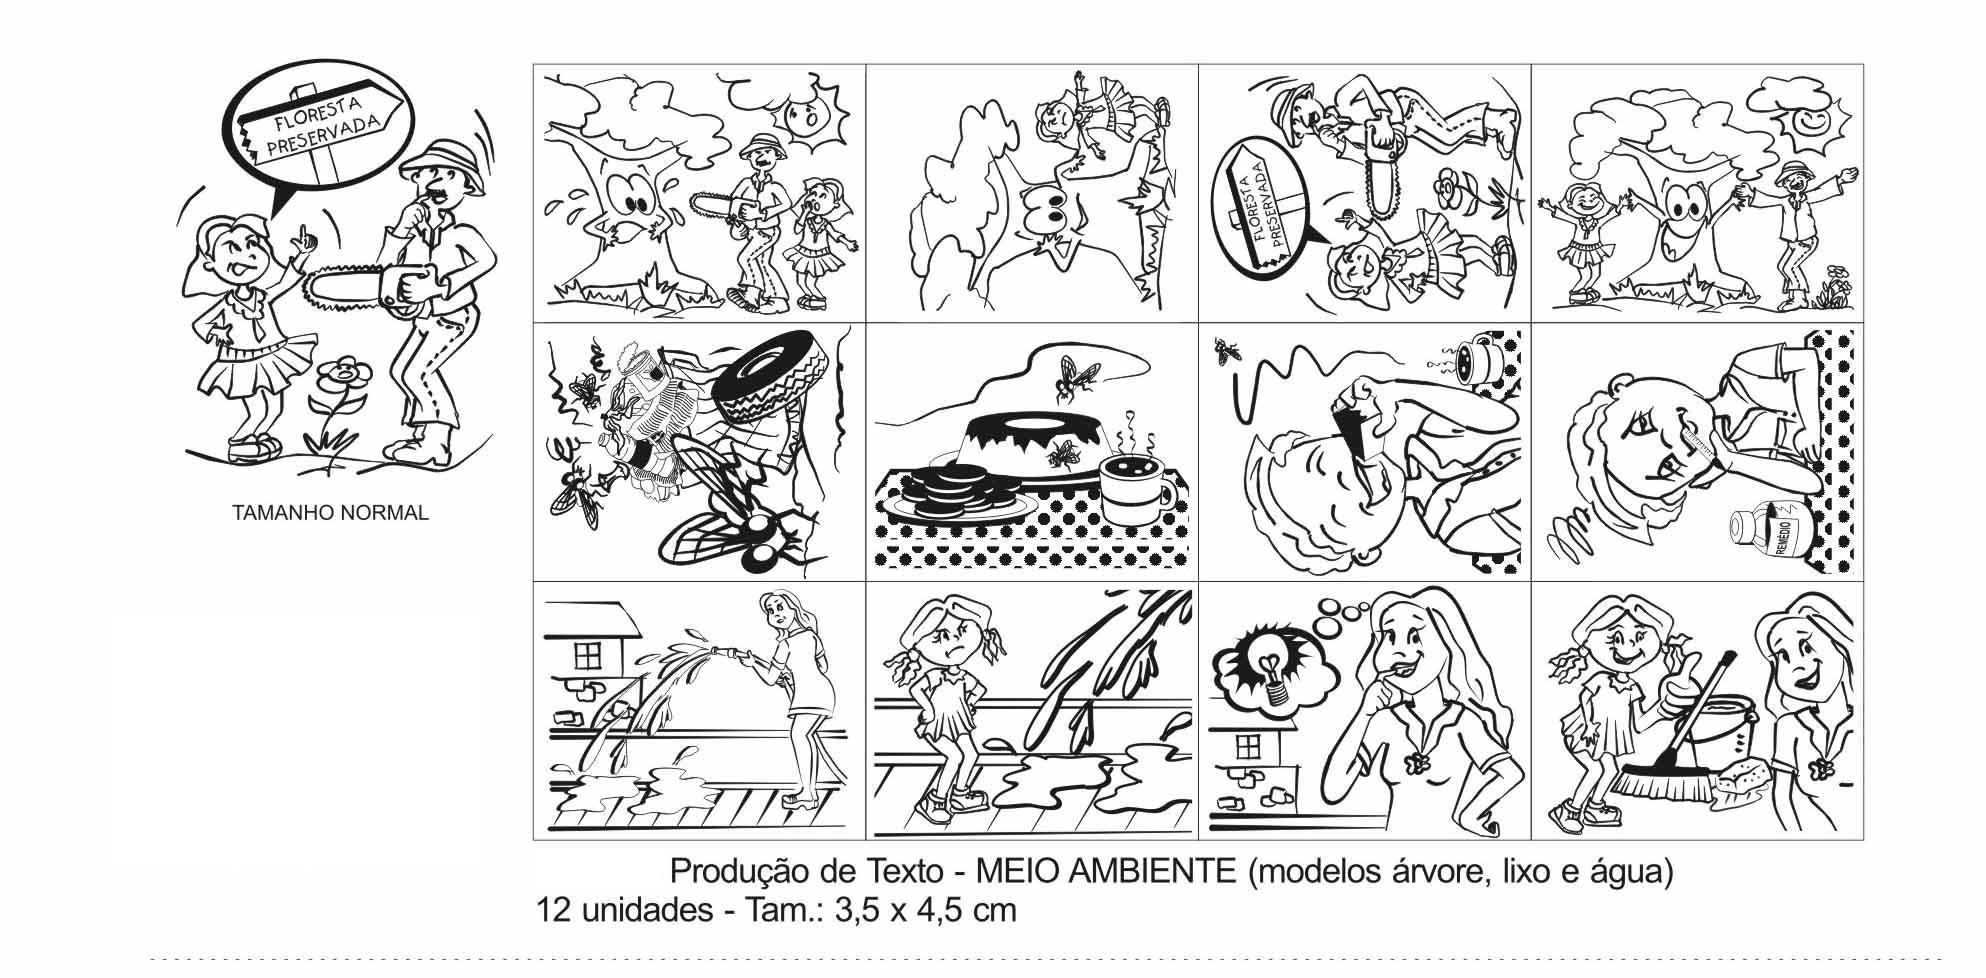 Carimbos Produção de Texto Meio Ambiente  - Alegria Brinquedos